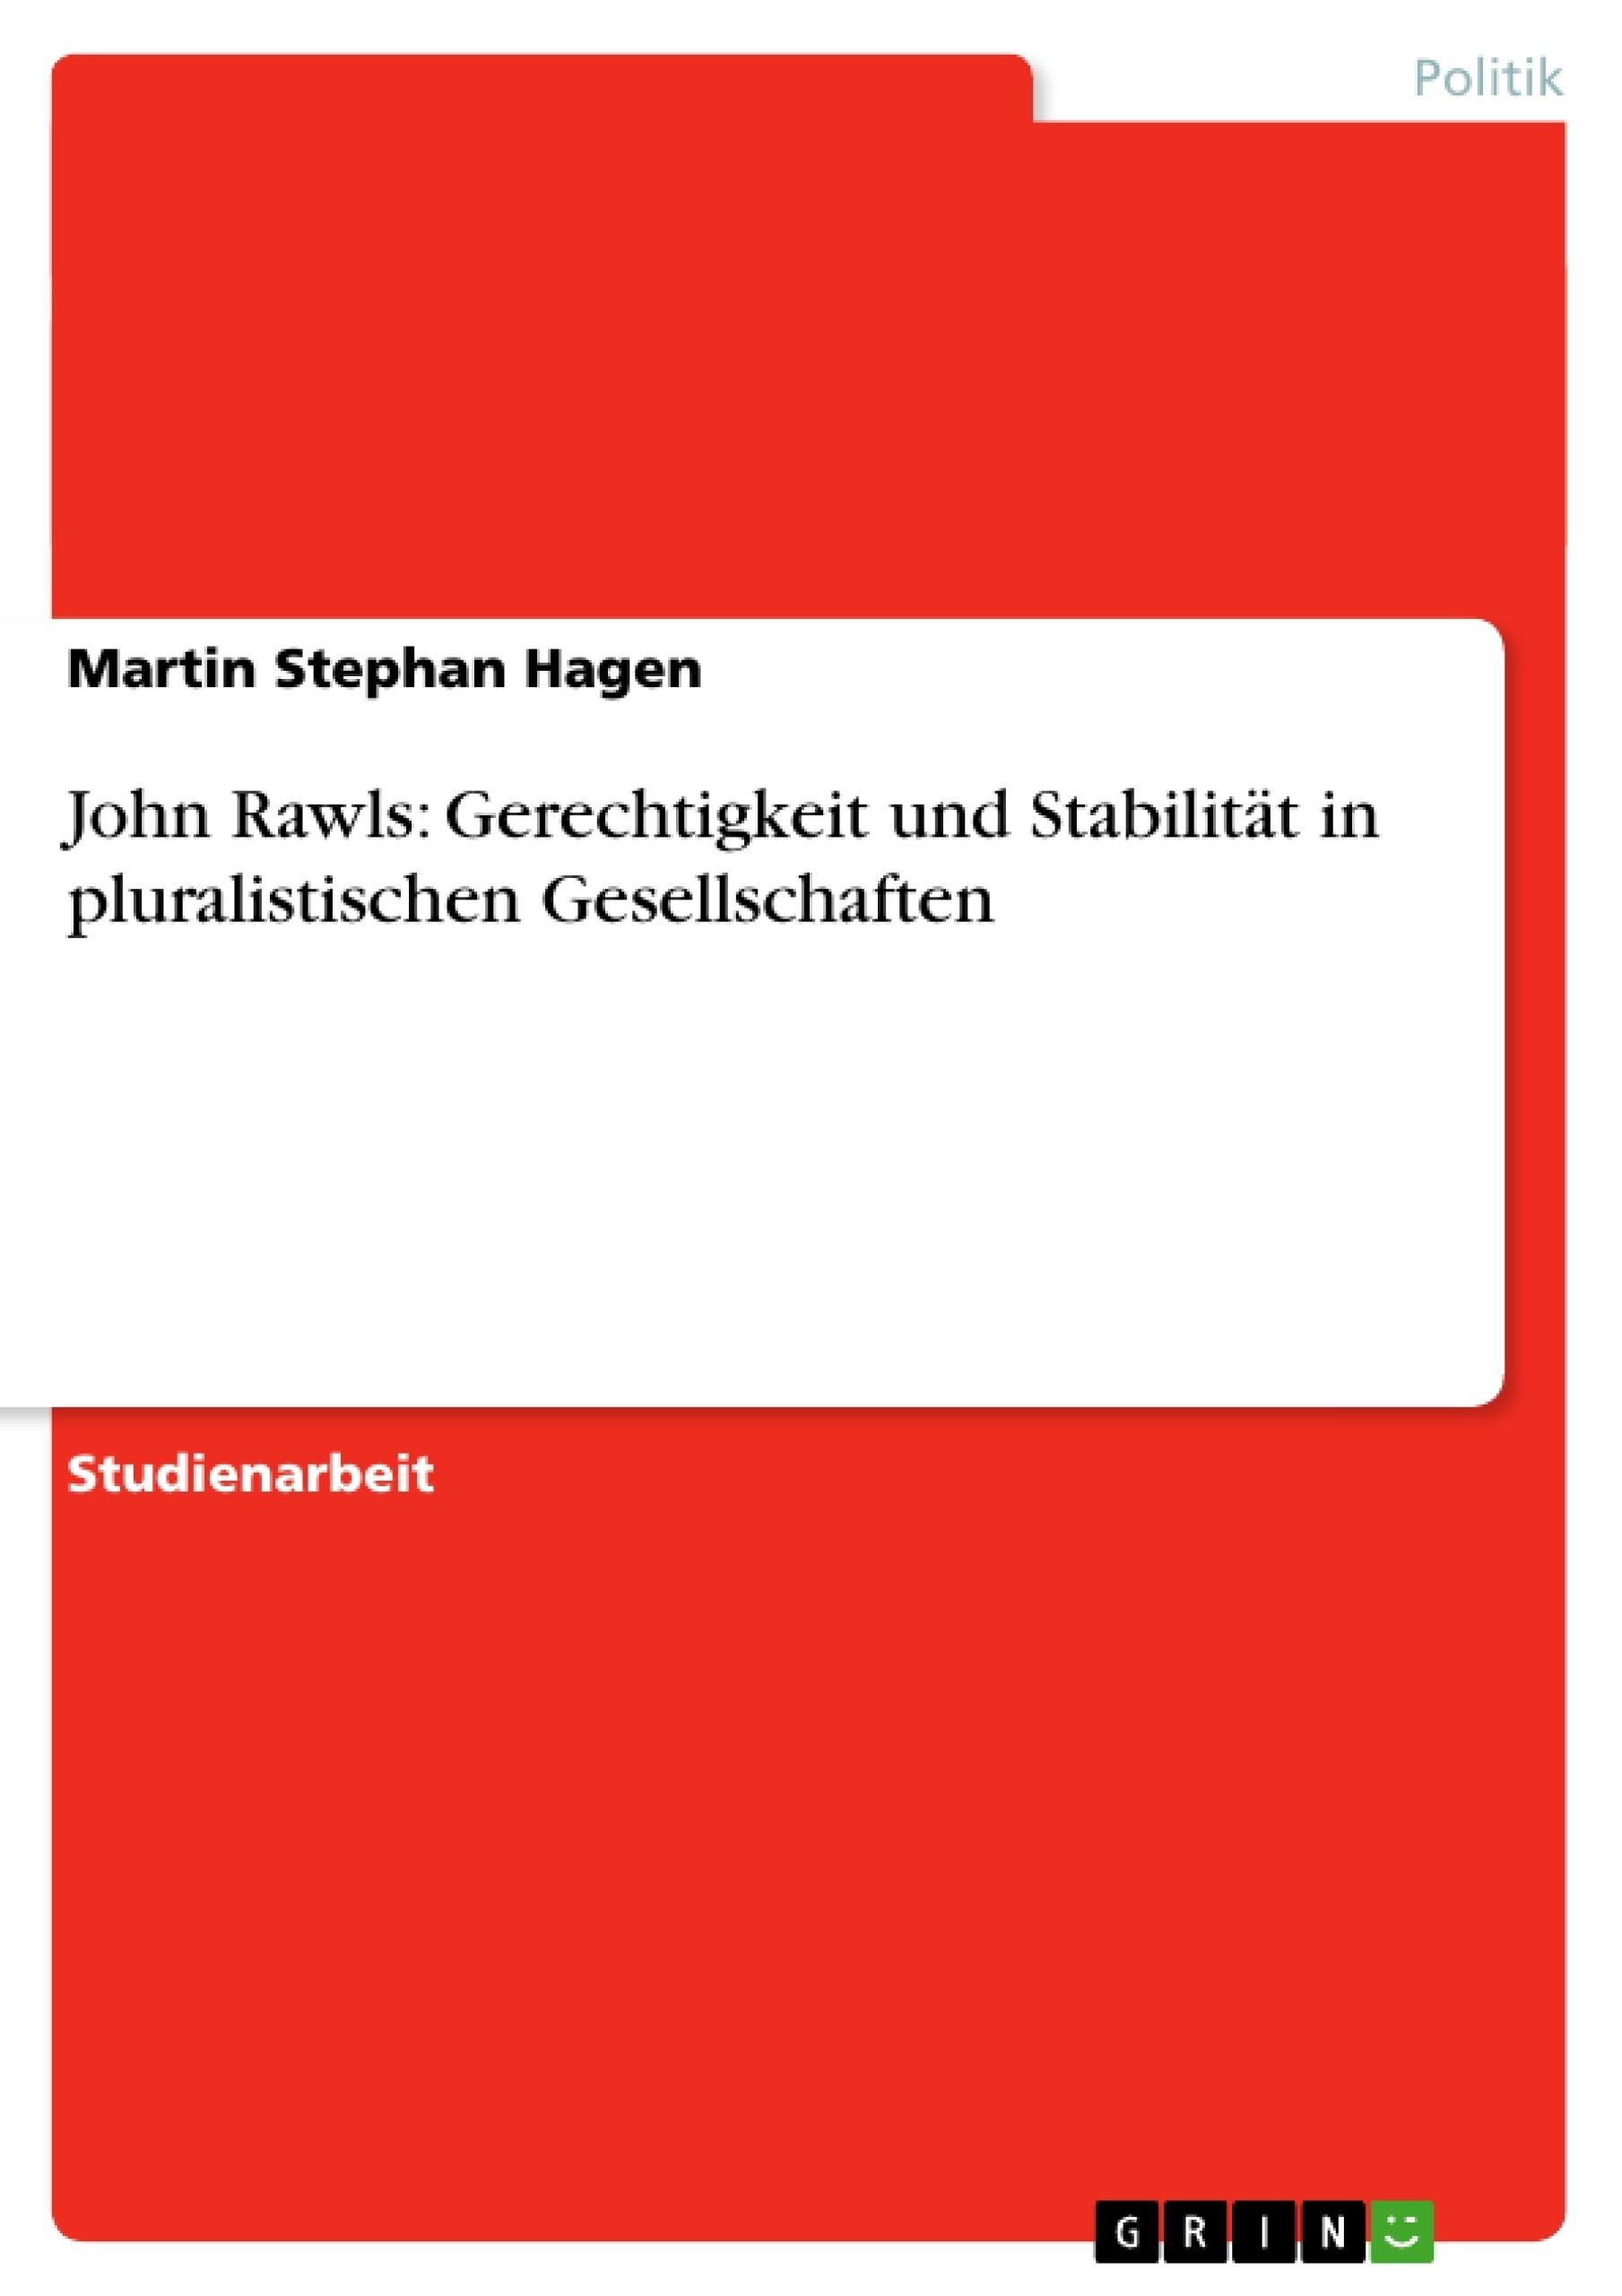 Titel: John Rawls: Gerechtigkeit und Stabilität in pluralistischen Gesellschaften